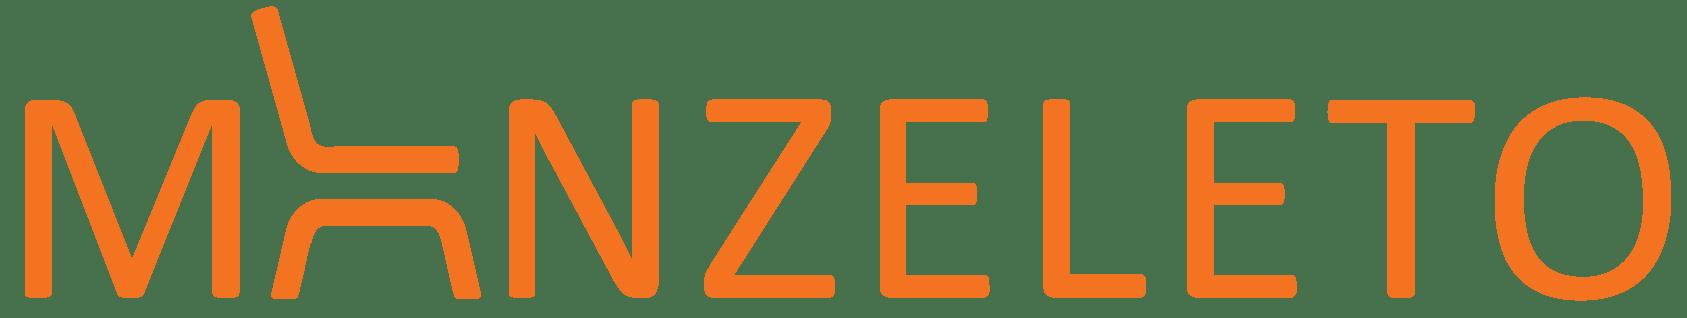 Manzeleto.com